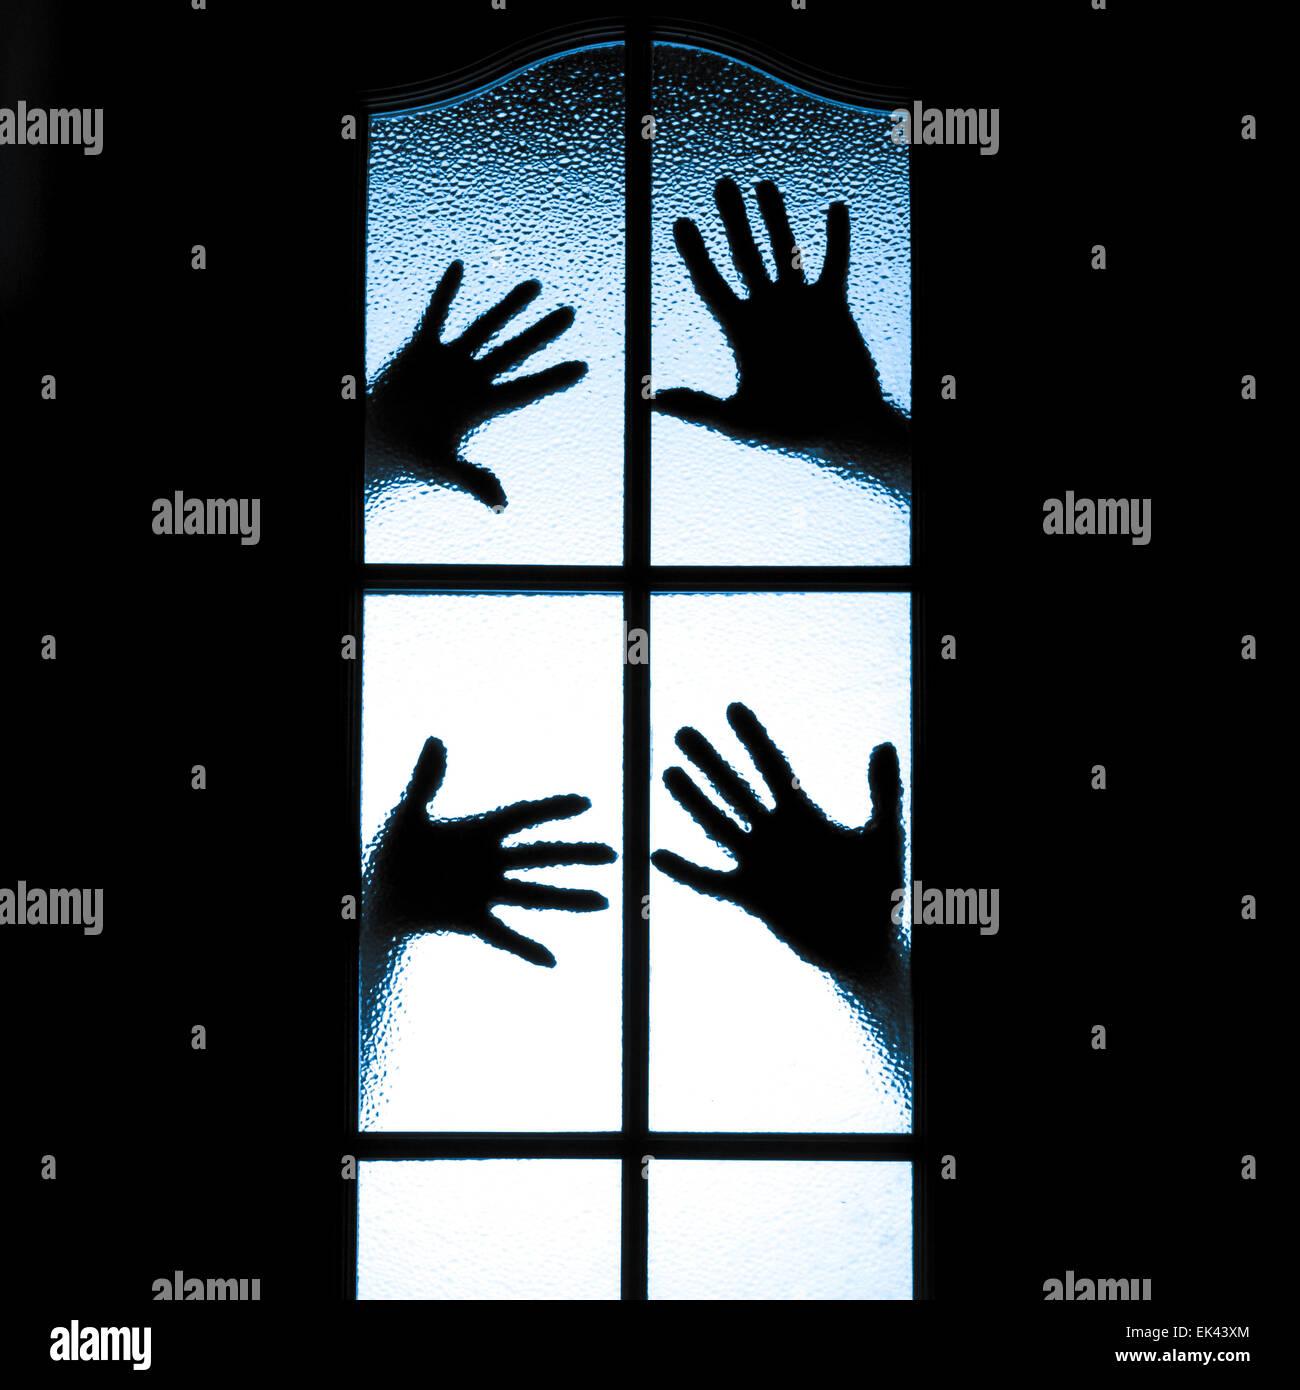 Silhouette diffuse de personnes Photo Stock